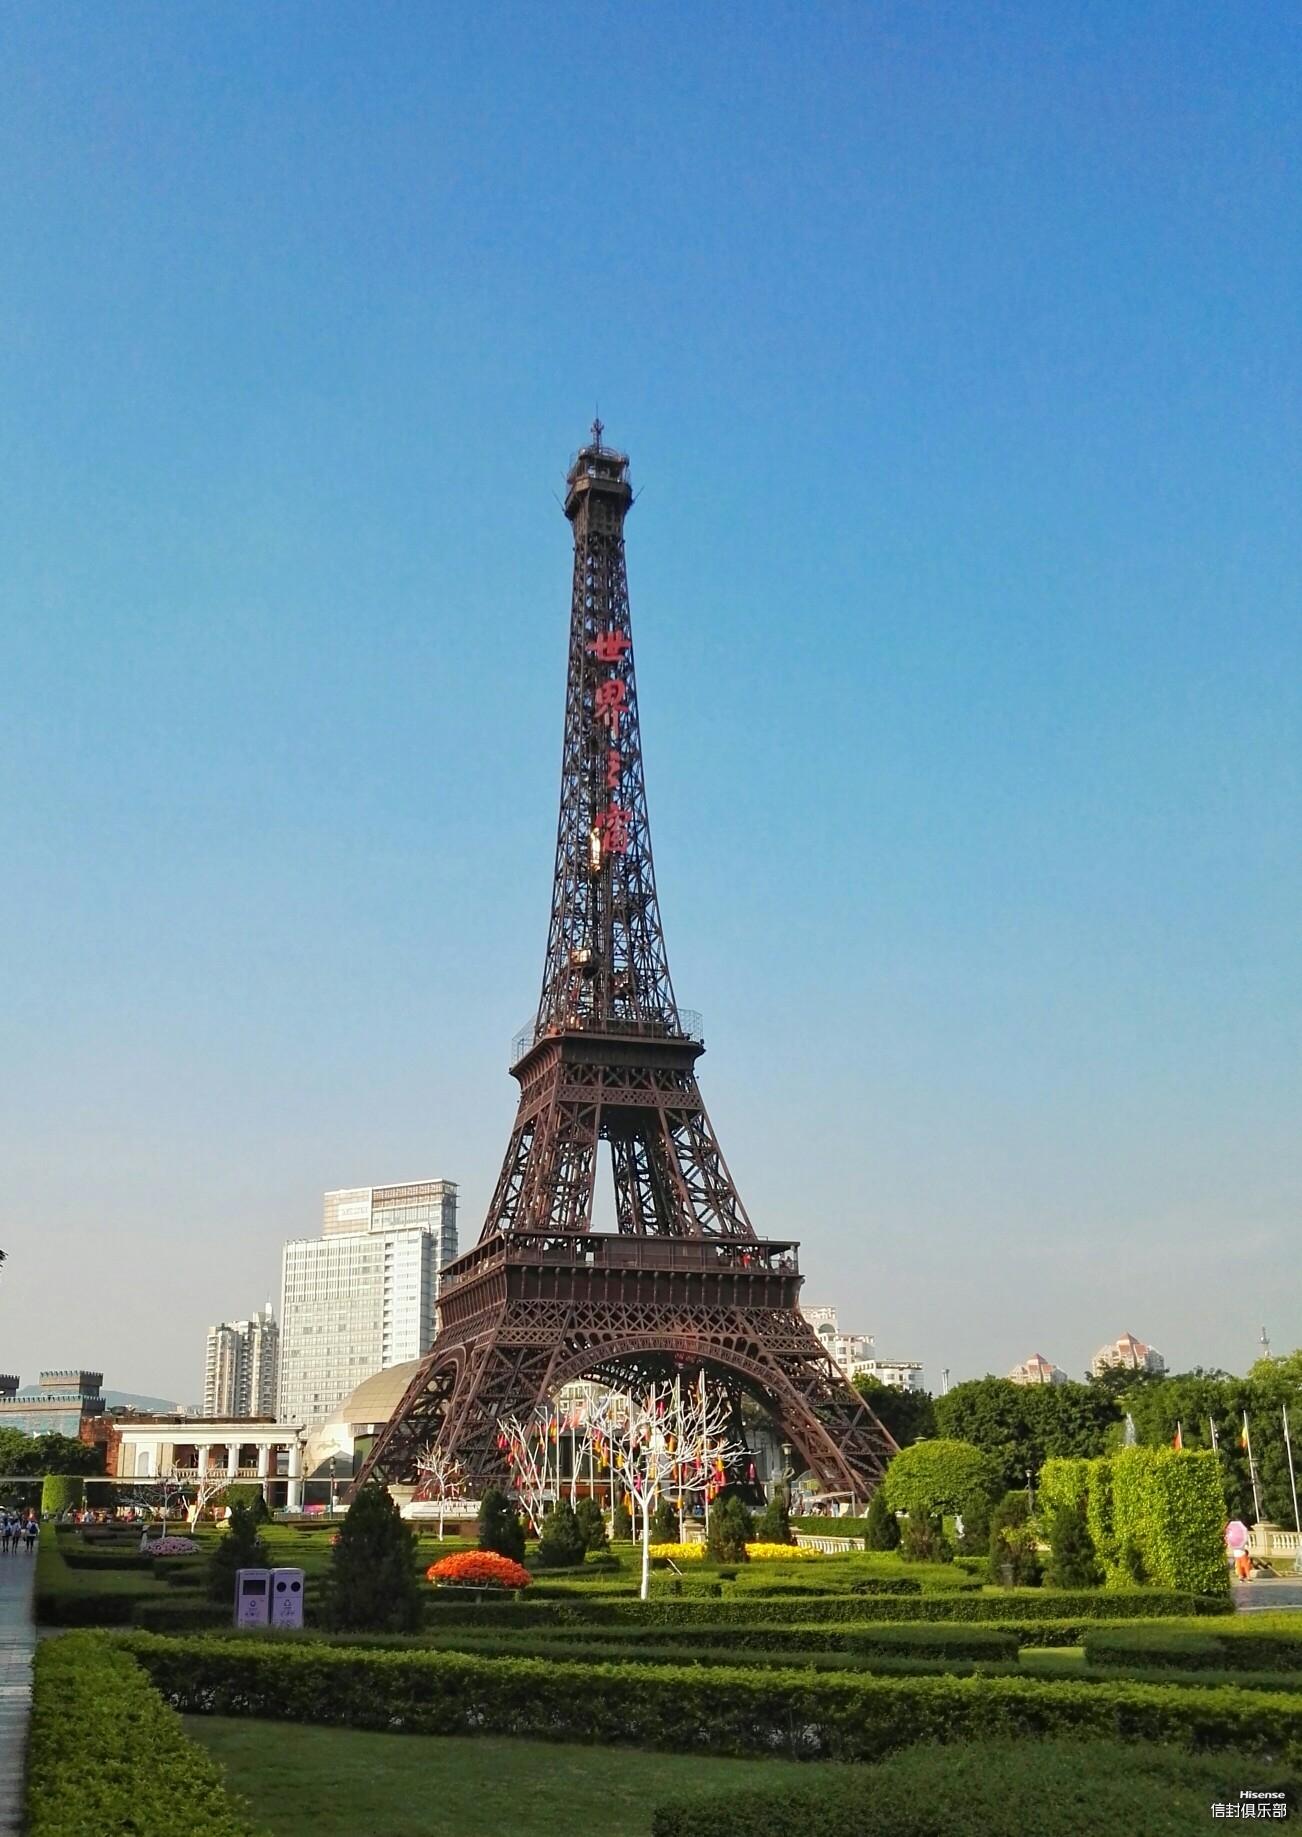 深圳世界之窗埃菲尔铁塔是按照1:3的比例做的。巴黎埃菲尔铁塔高324米,而世界之窗的只有108米;在深圳世界之窗埃菲尓铁塔的顶端可以俯瞰深圳城市景观,还可以看到香港的新界。以下是从不同角度对铁塔进行拍摄的照片,和朋友们一起分享。